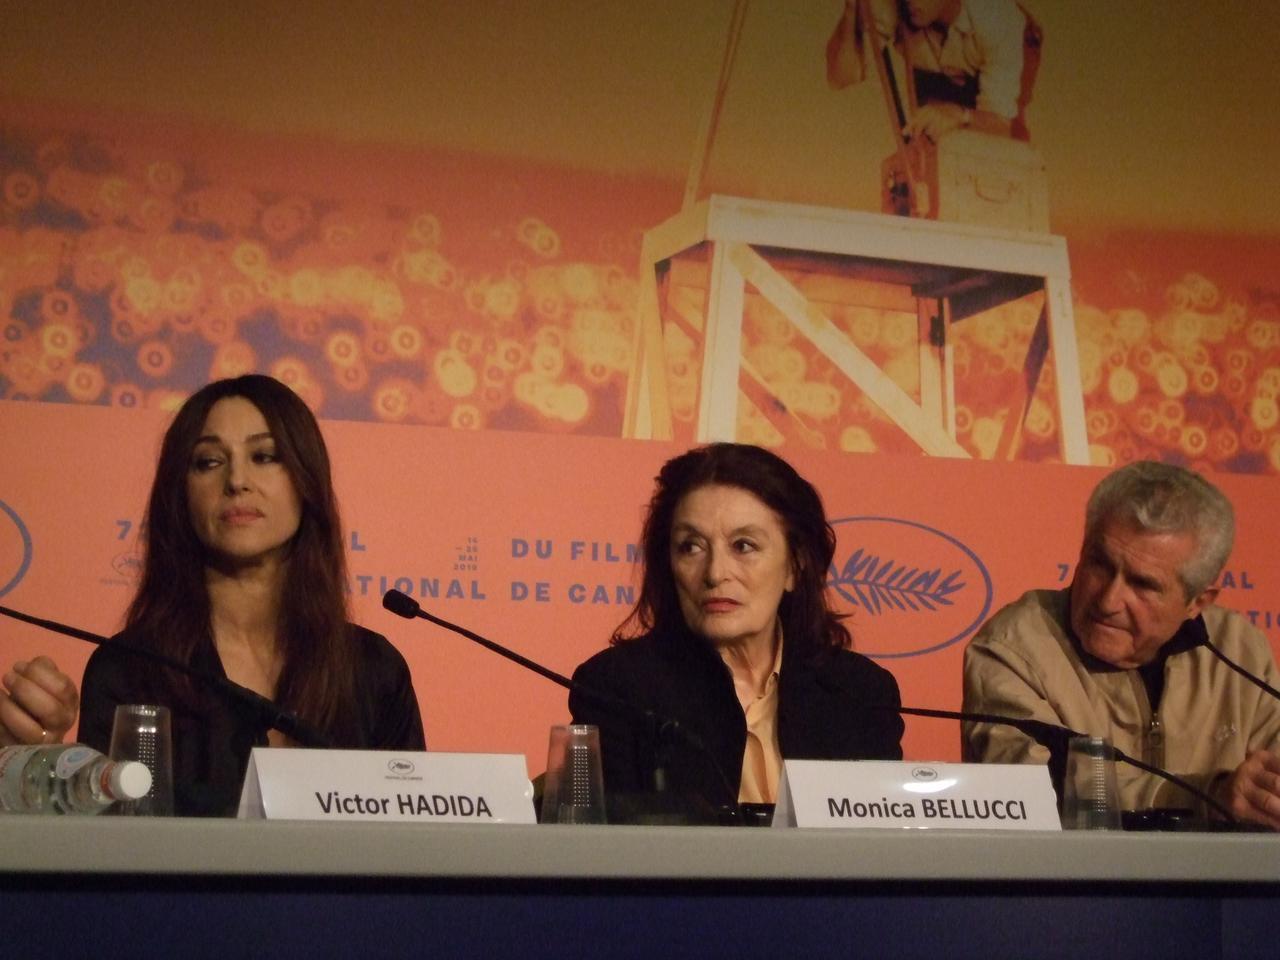 画像: 「男と女」の監督&主演のトリオが再集結!カンヌ国際映画祭レポート2019 その4 - SCREEN ONLINE(スクリーンオンライン)